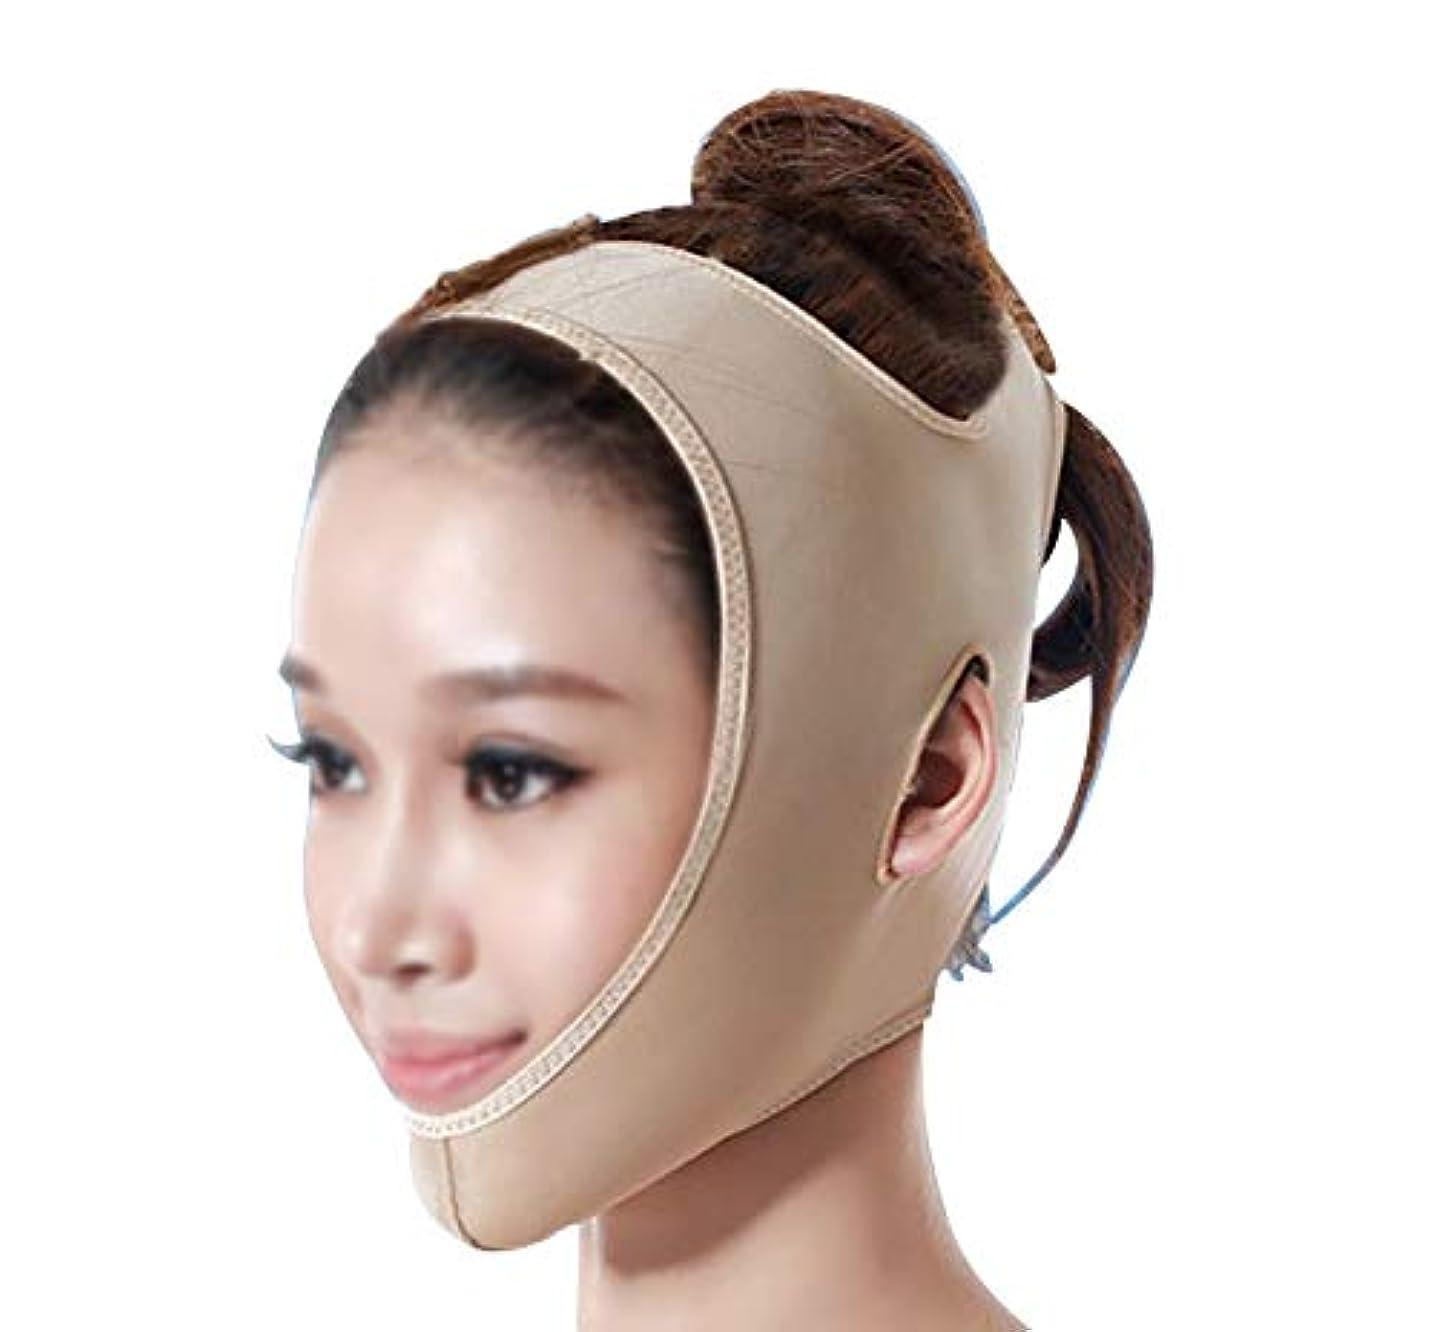 ブラインド合併症乙女TLMY 引き締めマスクマスク美容薬マスク美容V顔包帯ライン彫刻引き締めしっかりダブルチンマスク 顔用整形マスク (Size : M)